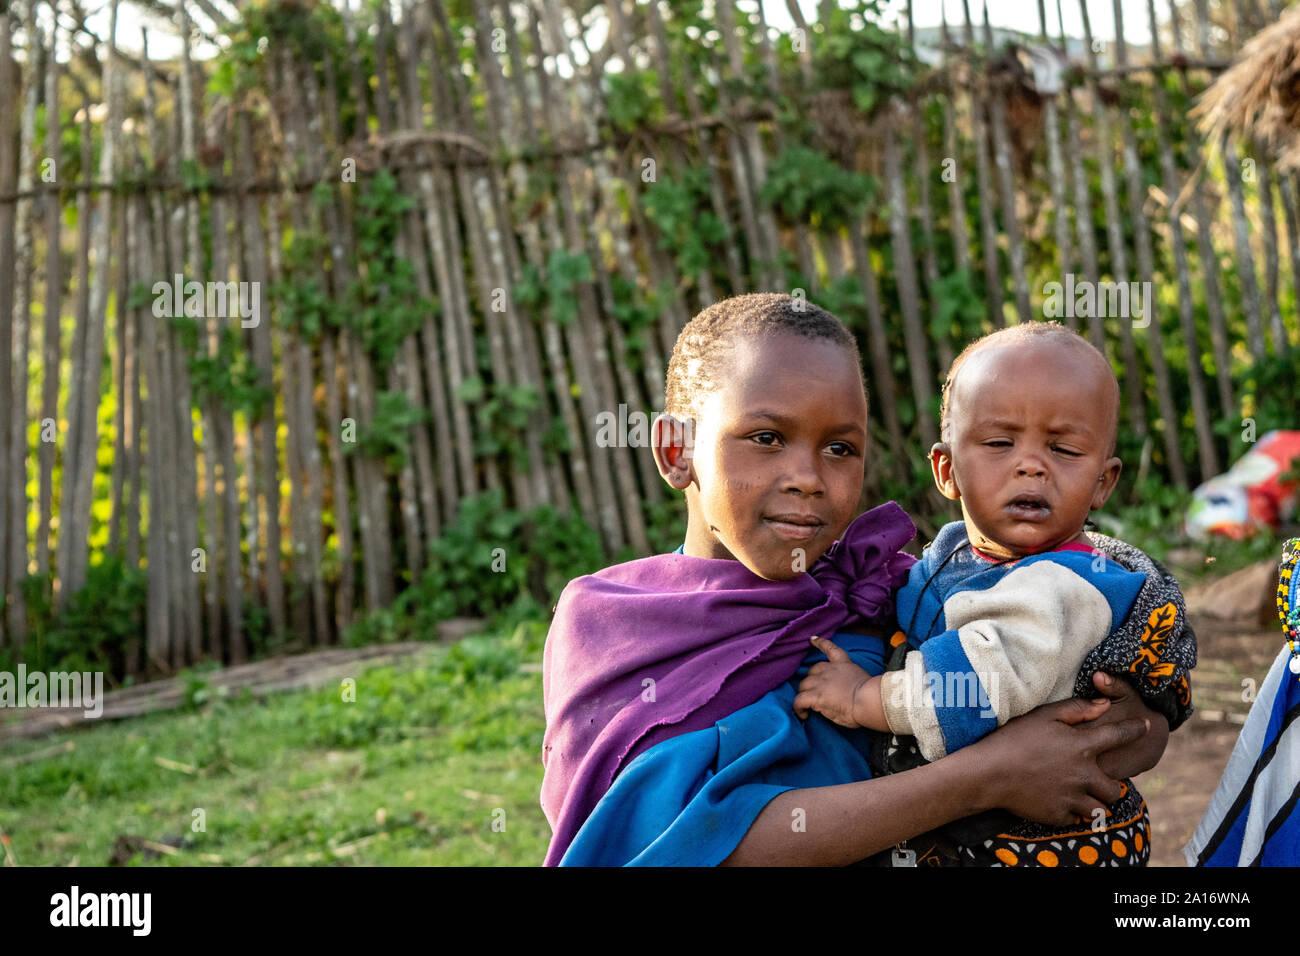 Niños masai en la vestimenta tradicional son responsables de sus hermanos menores en la aldea. Foto de stock